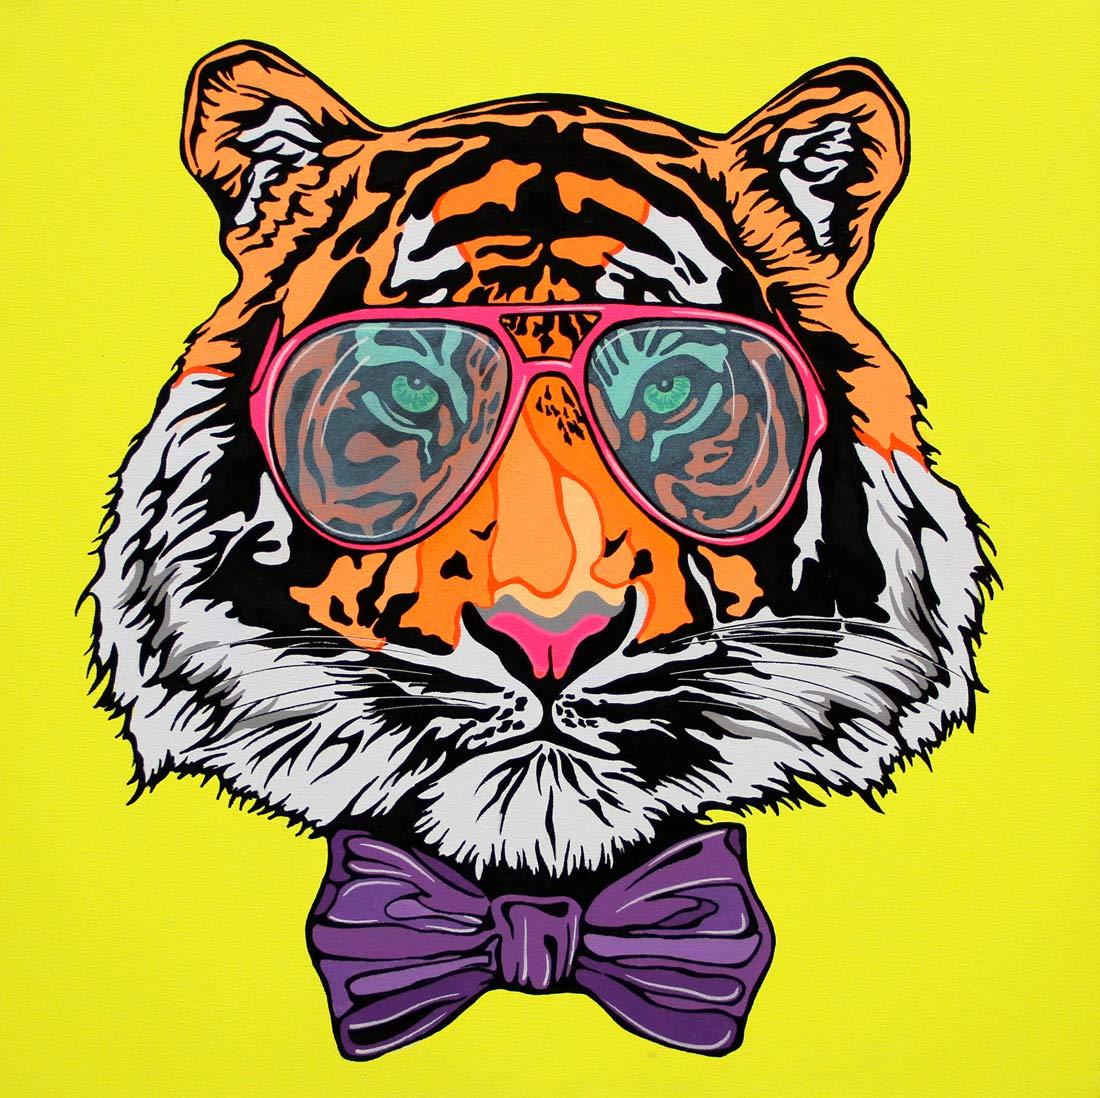 Tigerpop - Andy